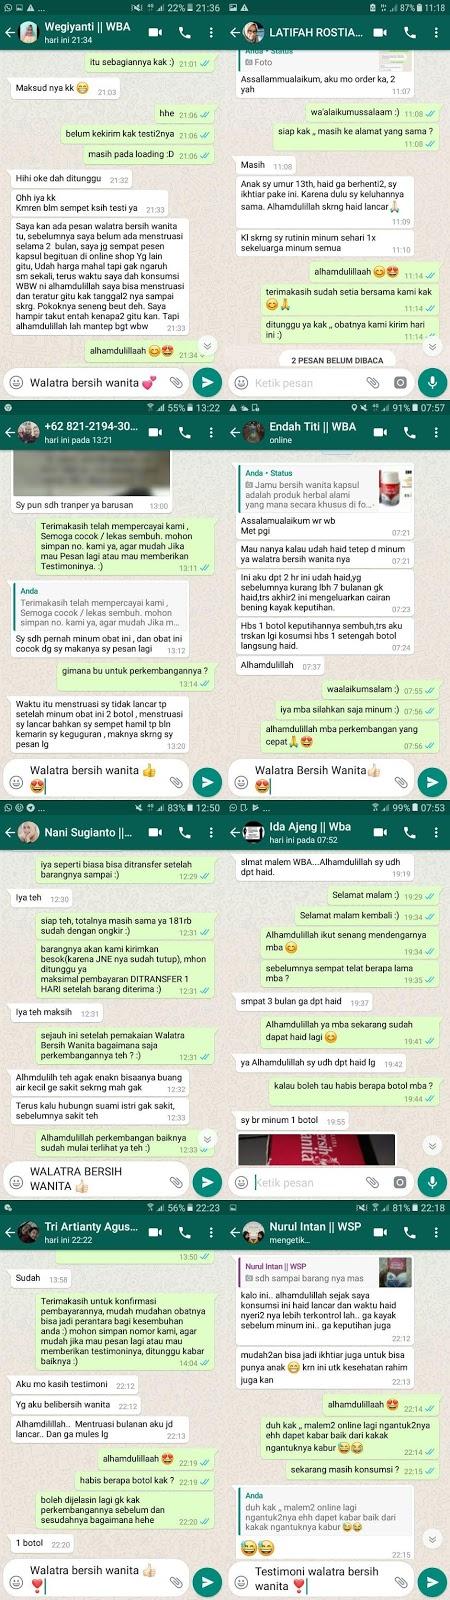 Walatra Bersih Wanita Asli